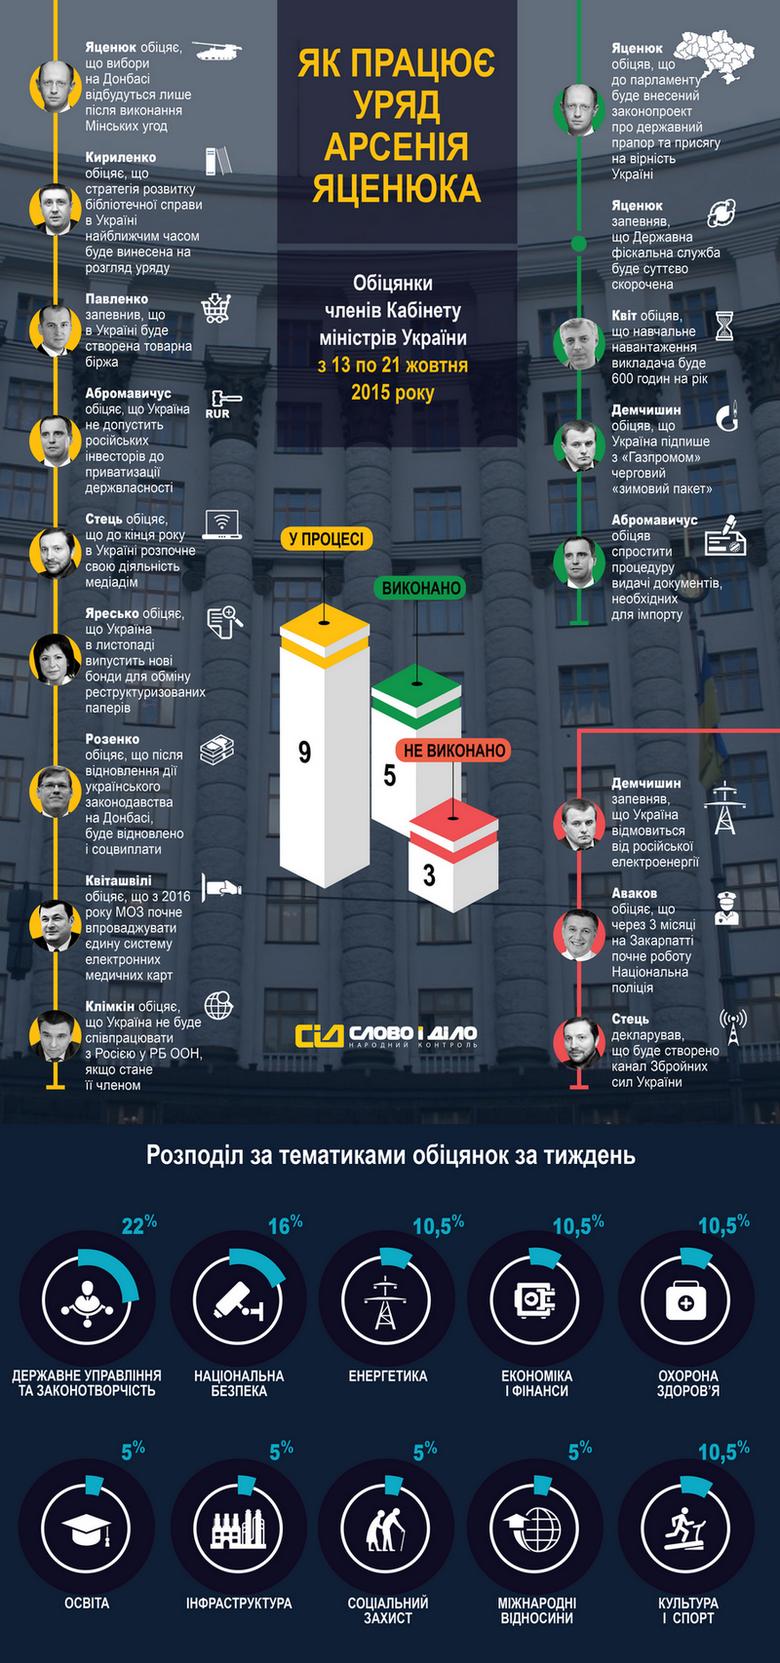 Протягом минулого тижня українські міністри дали 17 обіцянок, 5 з яких можна справедливо вважати виконаними.